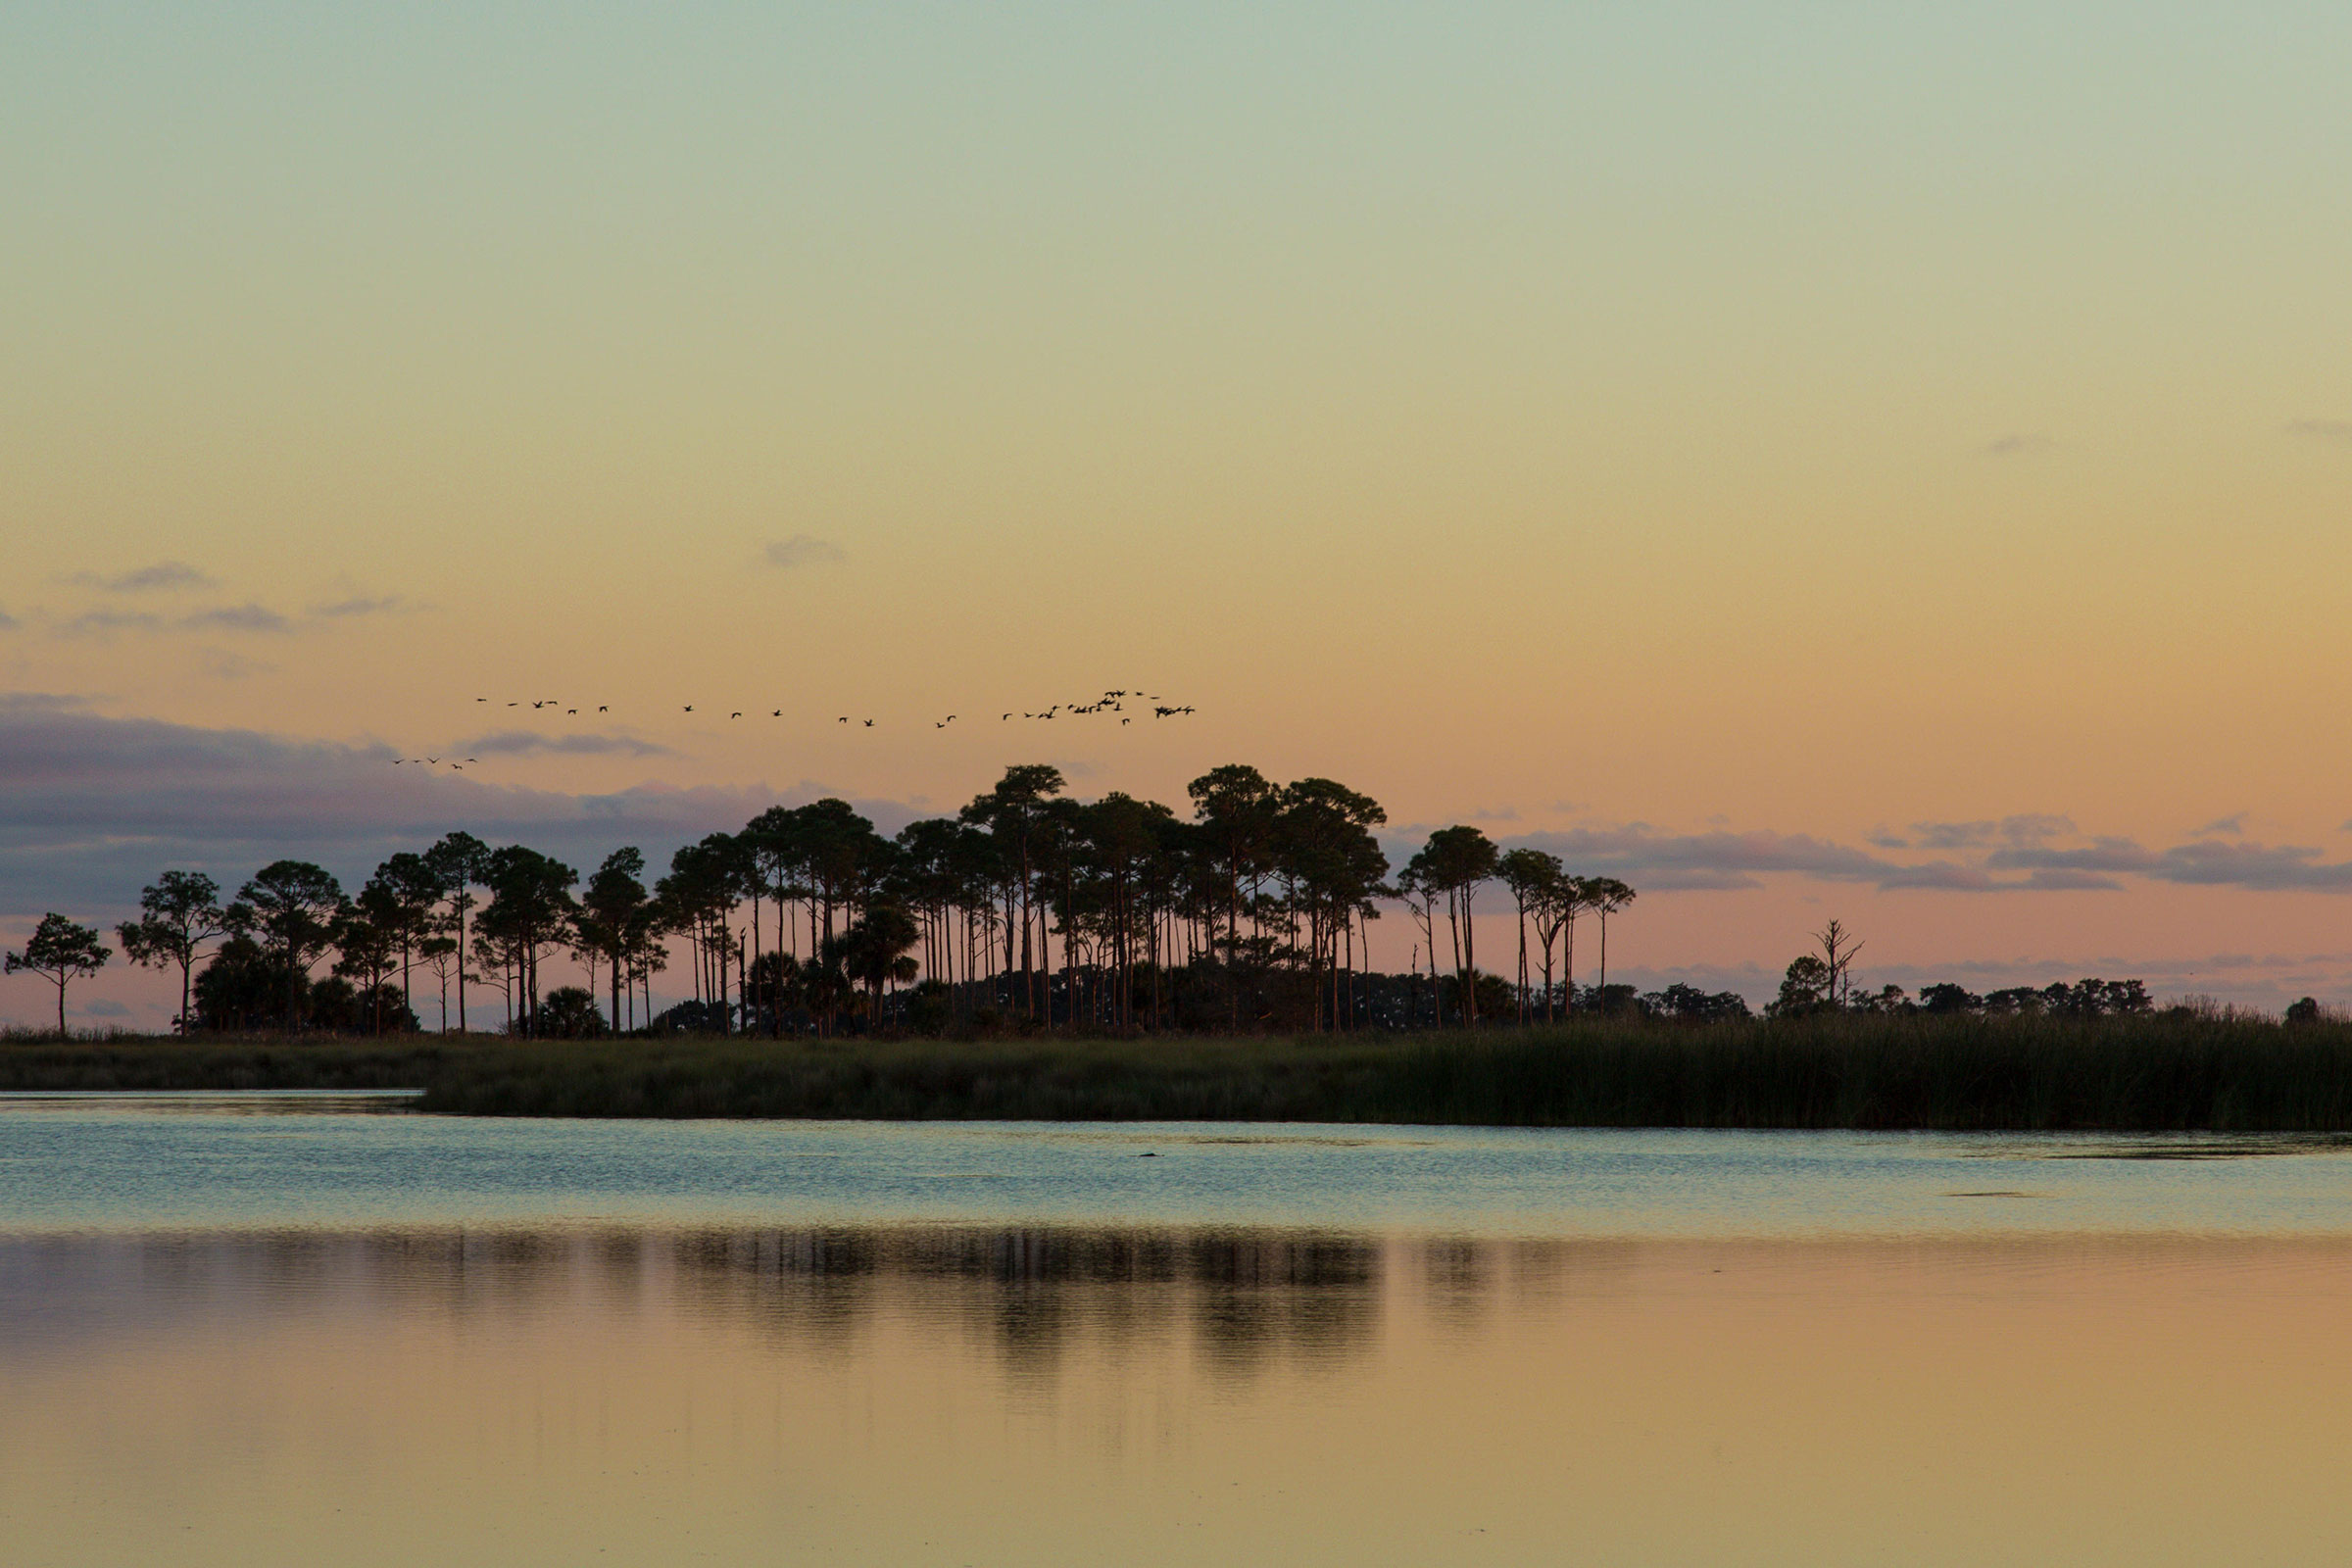 Dusk over St. Marks National Wildlife Refuge in Florida